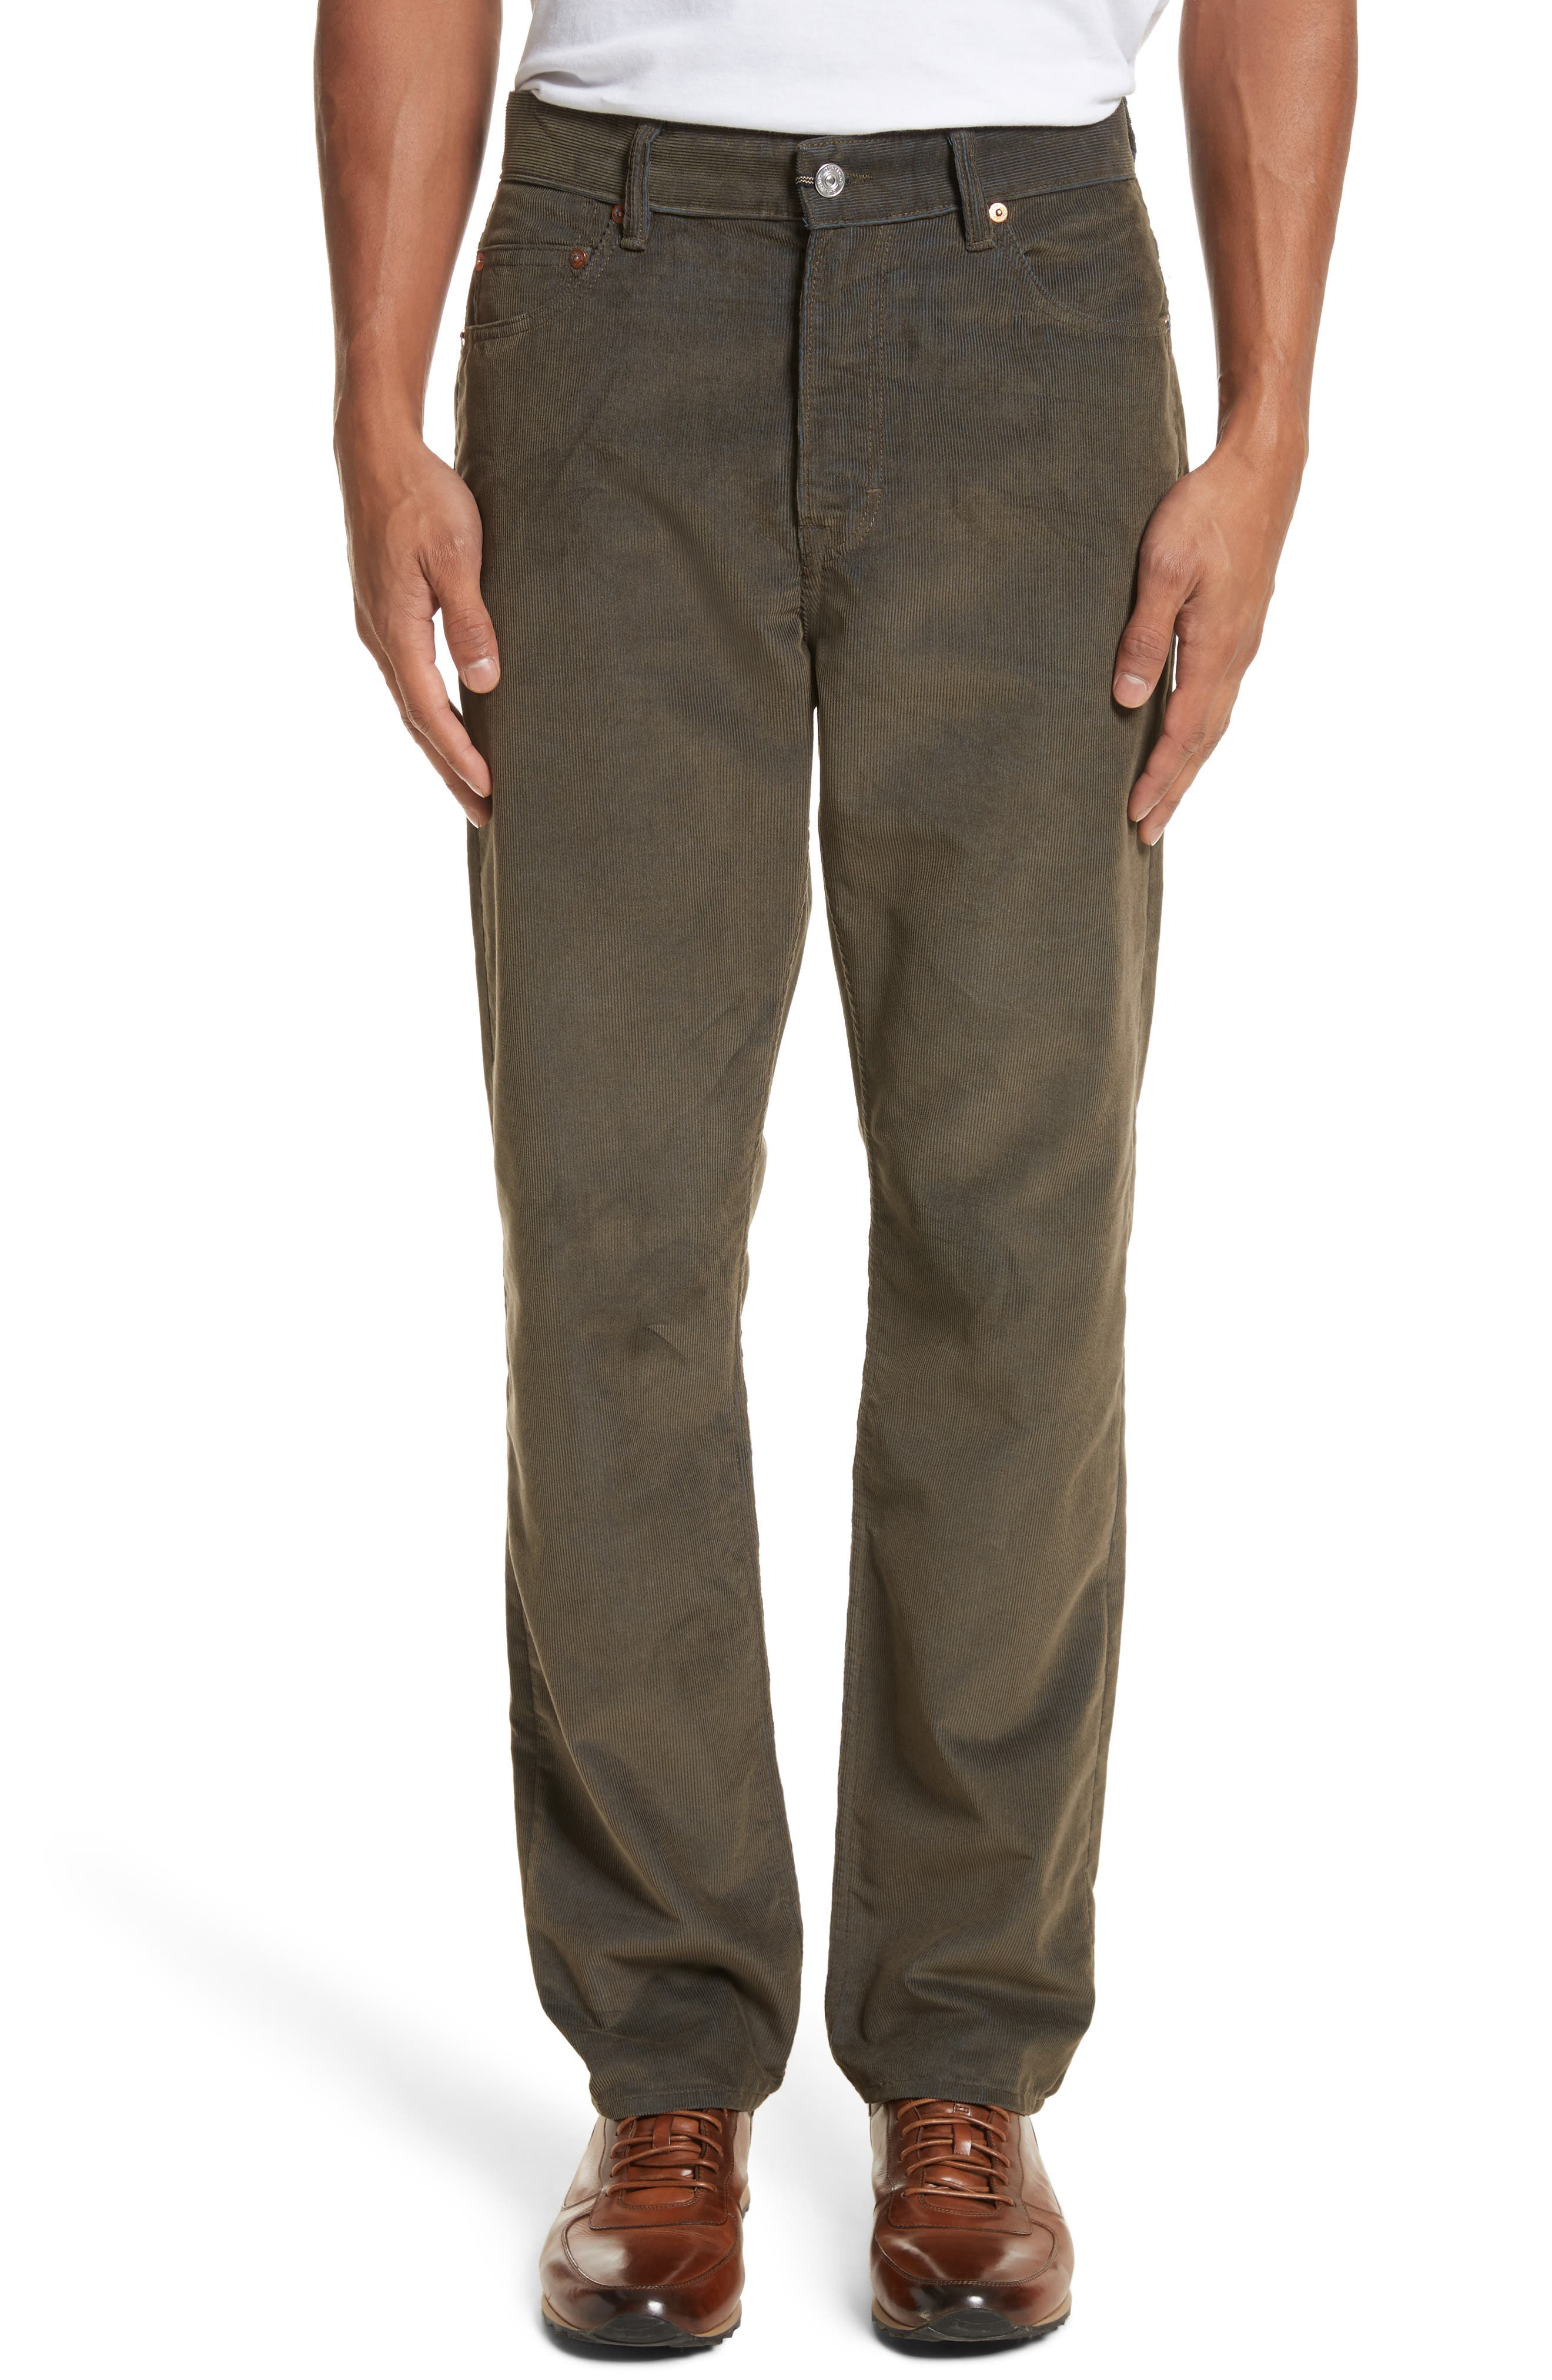 Second Cut Sludge Corduroy Pants,                         Main,                         color, Sludge Olive Corduroy